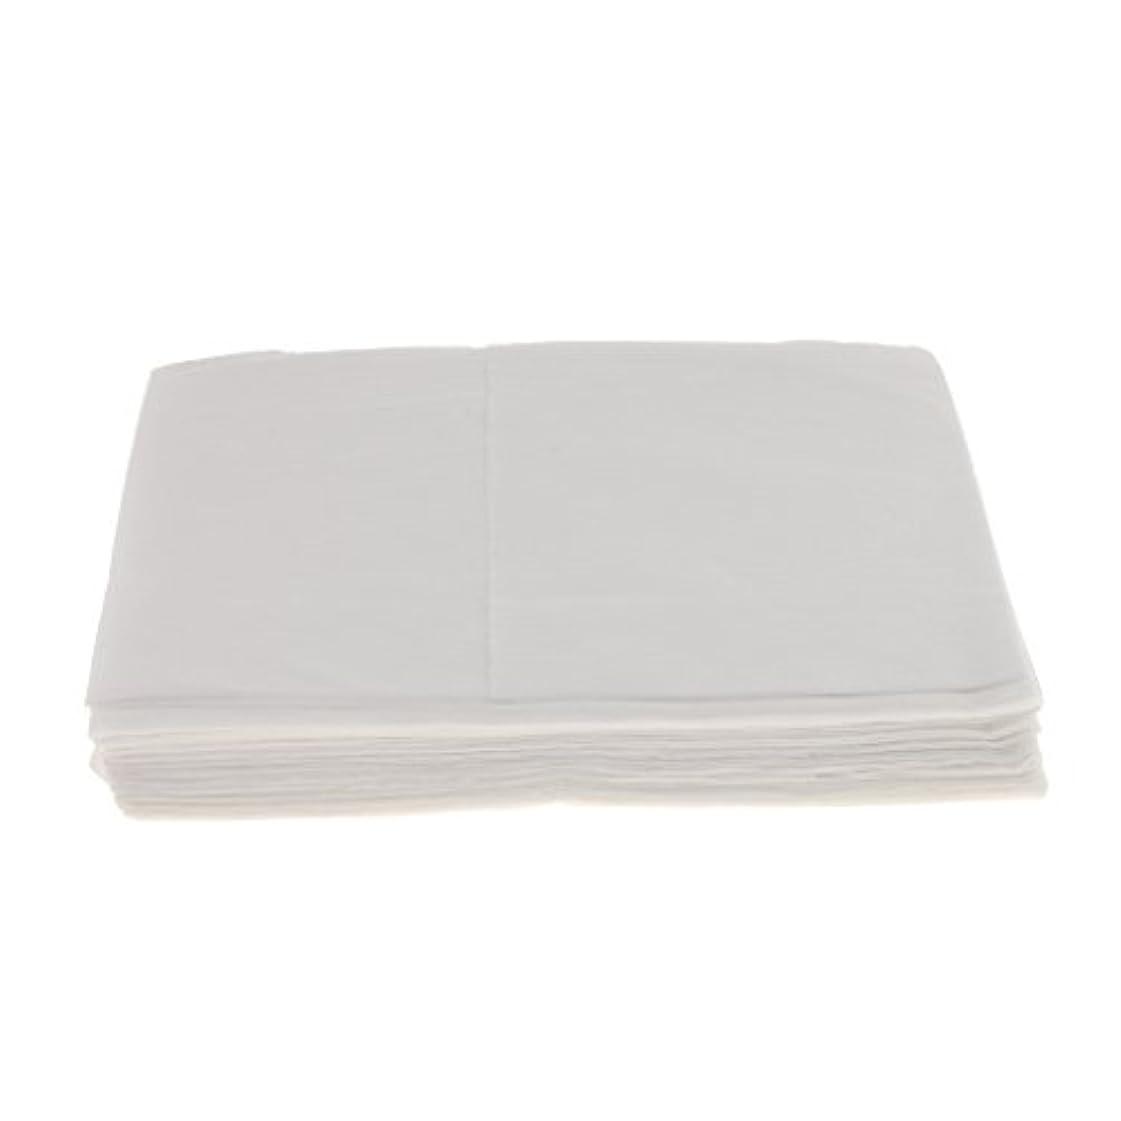 痛みワンダートリクル10枚 使い捨て ベッドシーツ サロン ホテル ベッドパッド カバー シート 2色選べ - 白